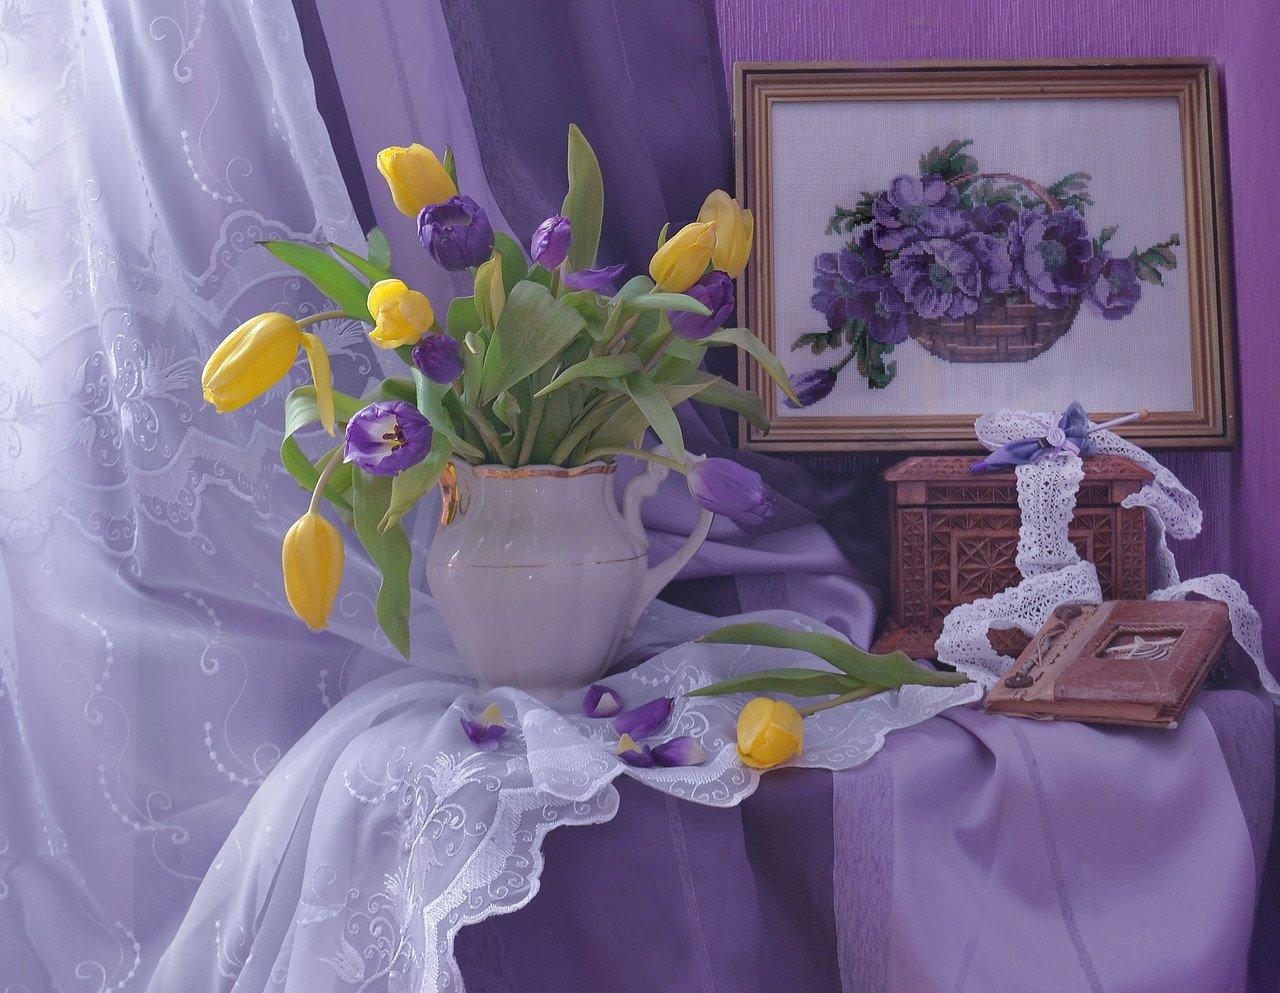 """still life, натюрморт , апрель, весна,    фото натюрморт, цветы, тюльпаны, вышивка """"сиреневые тюльпаны"""", зонтик, альбом, Колова Валентина"""